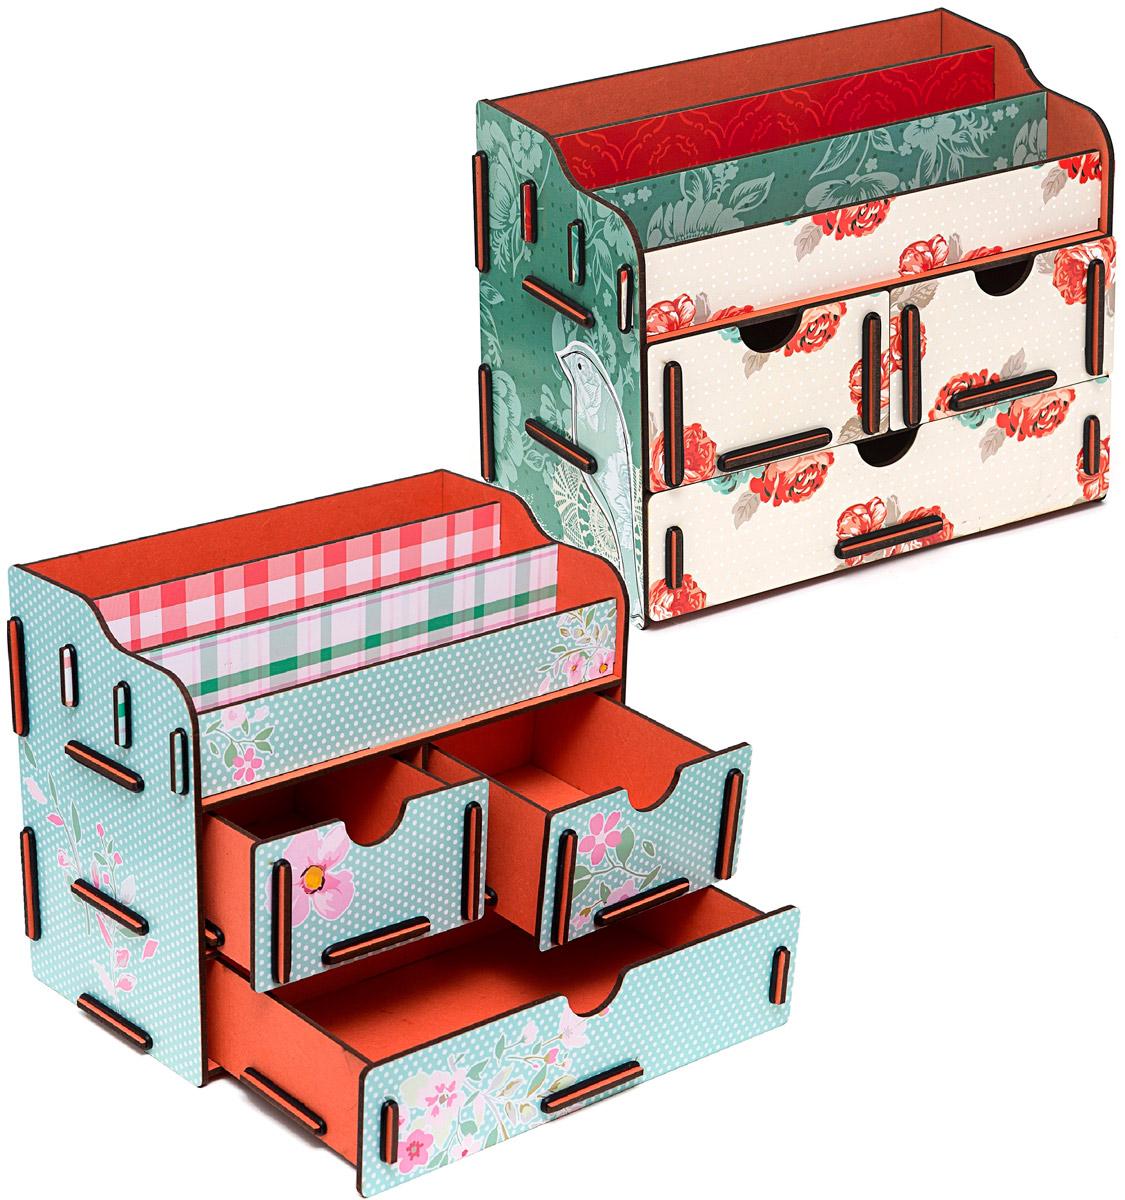 Набор шкатулок Homsu Аромат весенних цветов, для украшений, 2 штDEN-03Этот комплект из оригинальных сундучков имеет множество полочек сверху для хранения косметики, парфюмерии и аксессуаров, а также два маленьких ящичка размером 11см на 14,5см и один большой ящик размером 22см на 14,5см, которые позволят разместить в них все самое необходимое и сокровенное для каждой женщины. Шкатулочки можно поставить на стол, они станут отличным дополнением интерьера. 240х140х190; 240х140х190